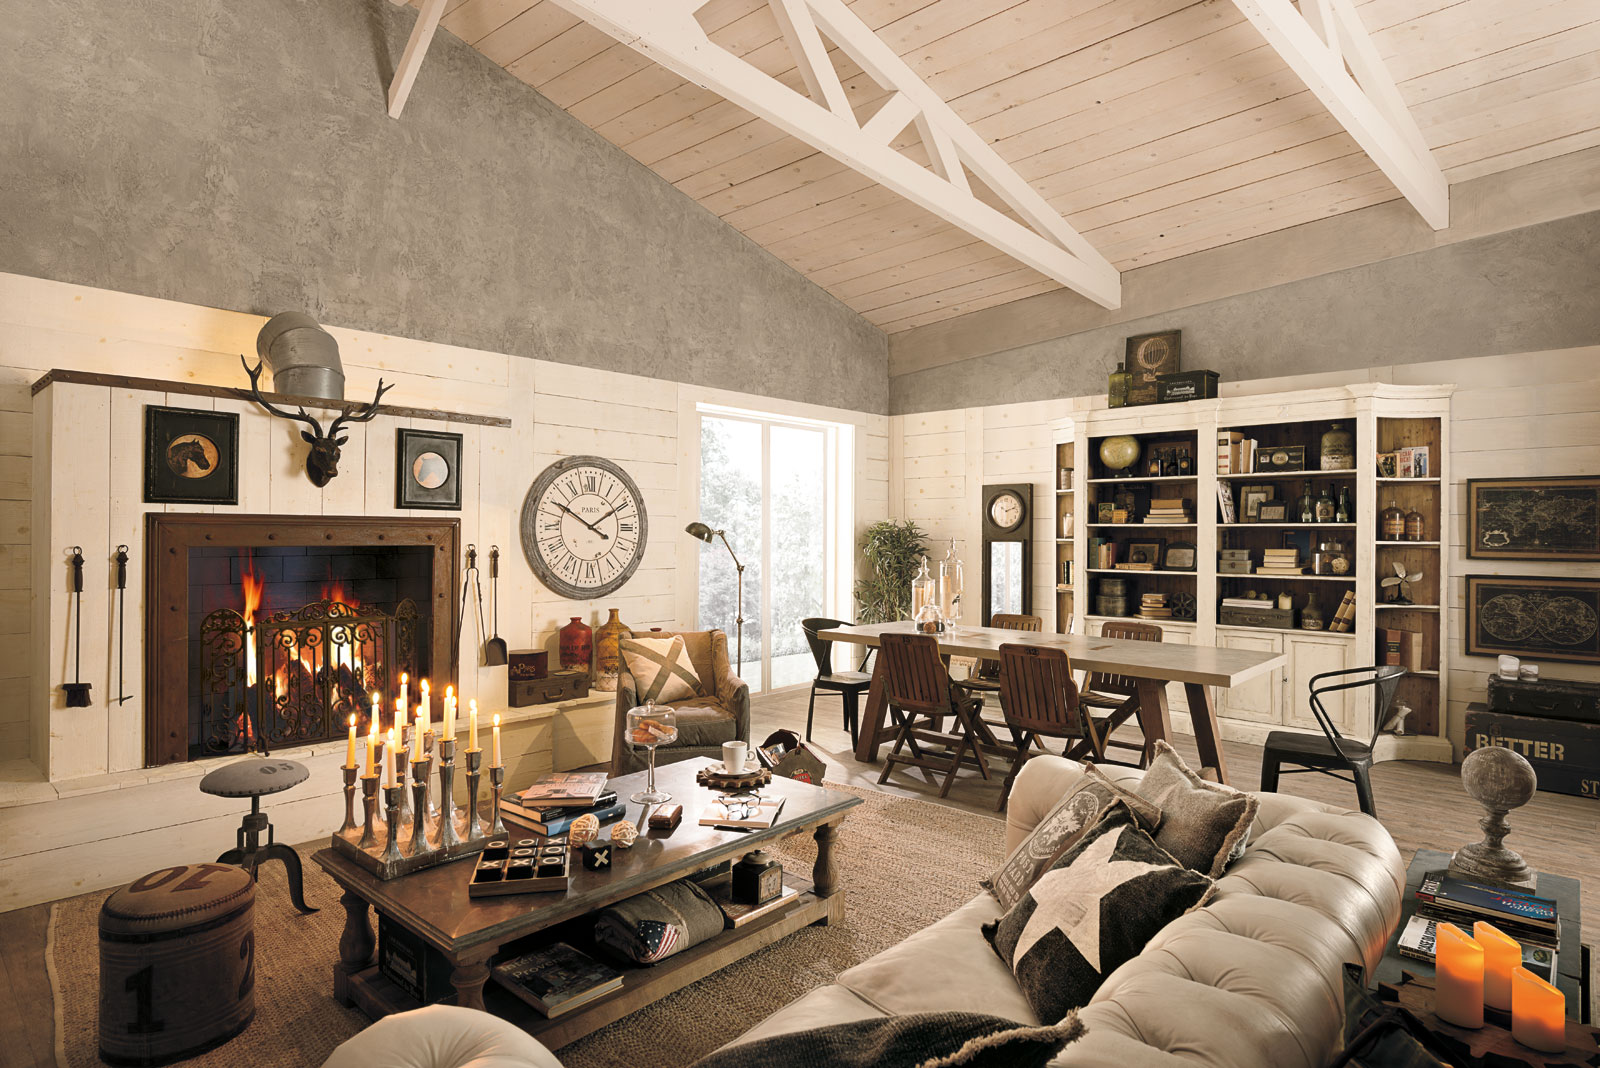 Complementi per arredare casa minoia arreda - Arredamenti vintage casa ...